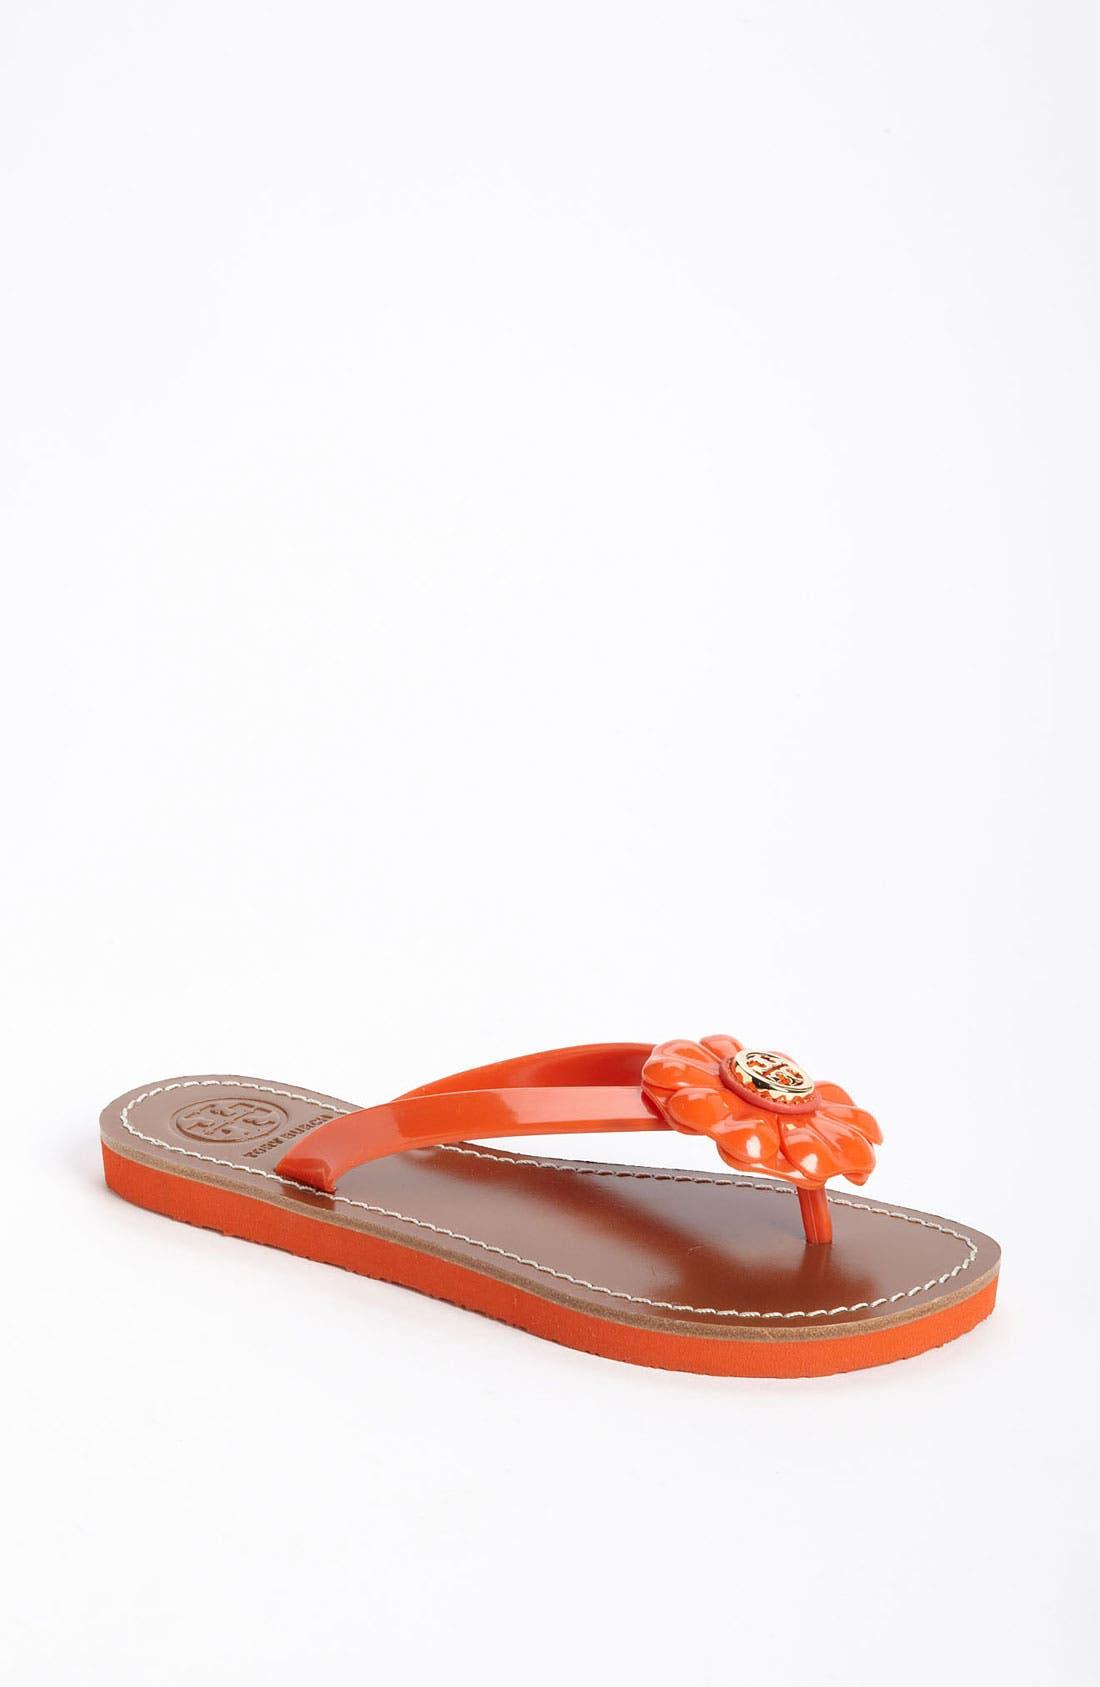 Main Image - Tory Burch 'Adalia' Thong Sandal